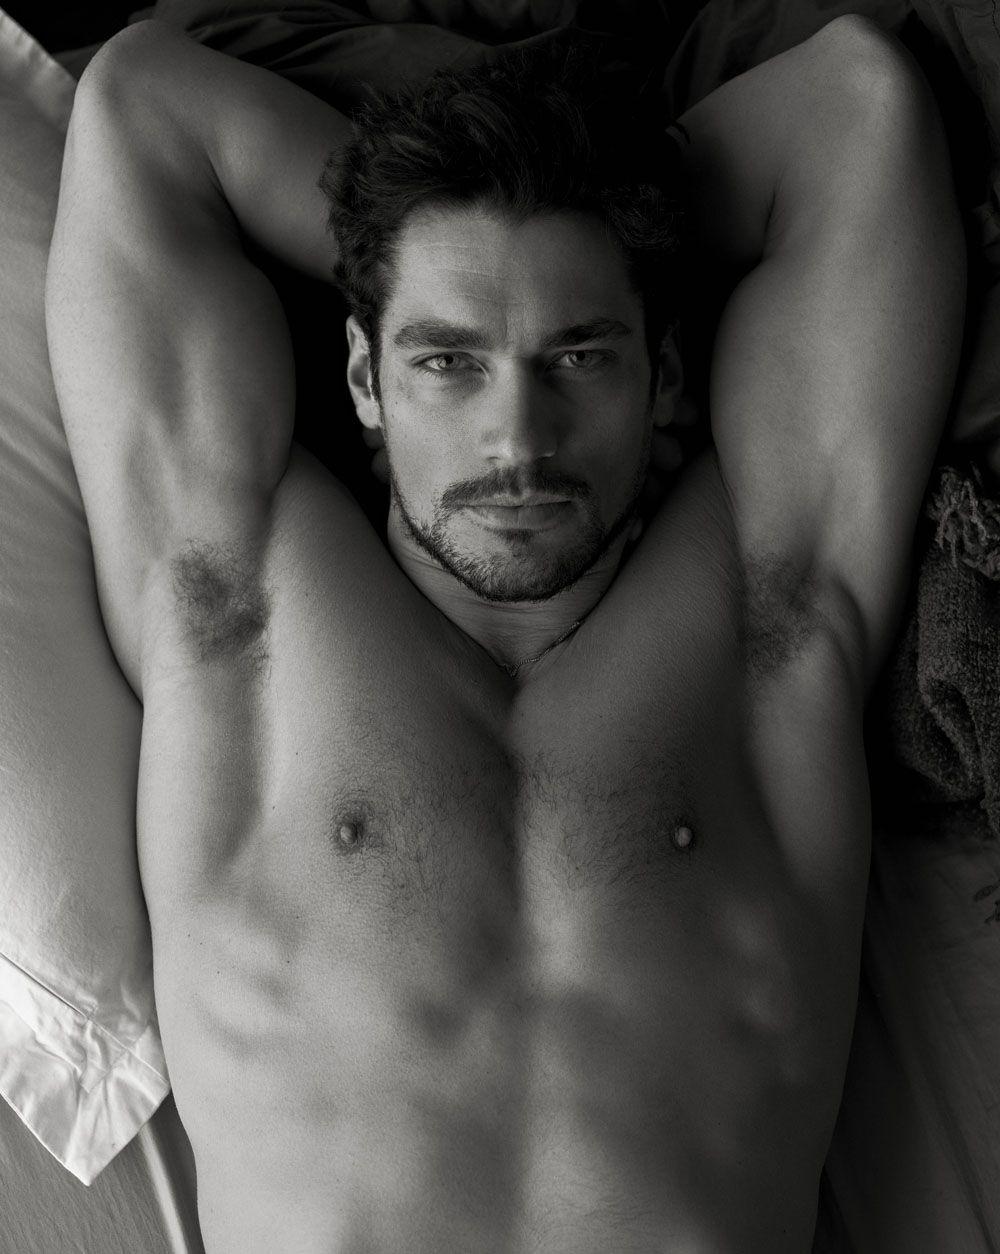 Смотреть мужские тела фото 23 фотография